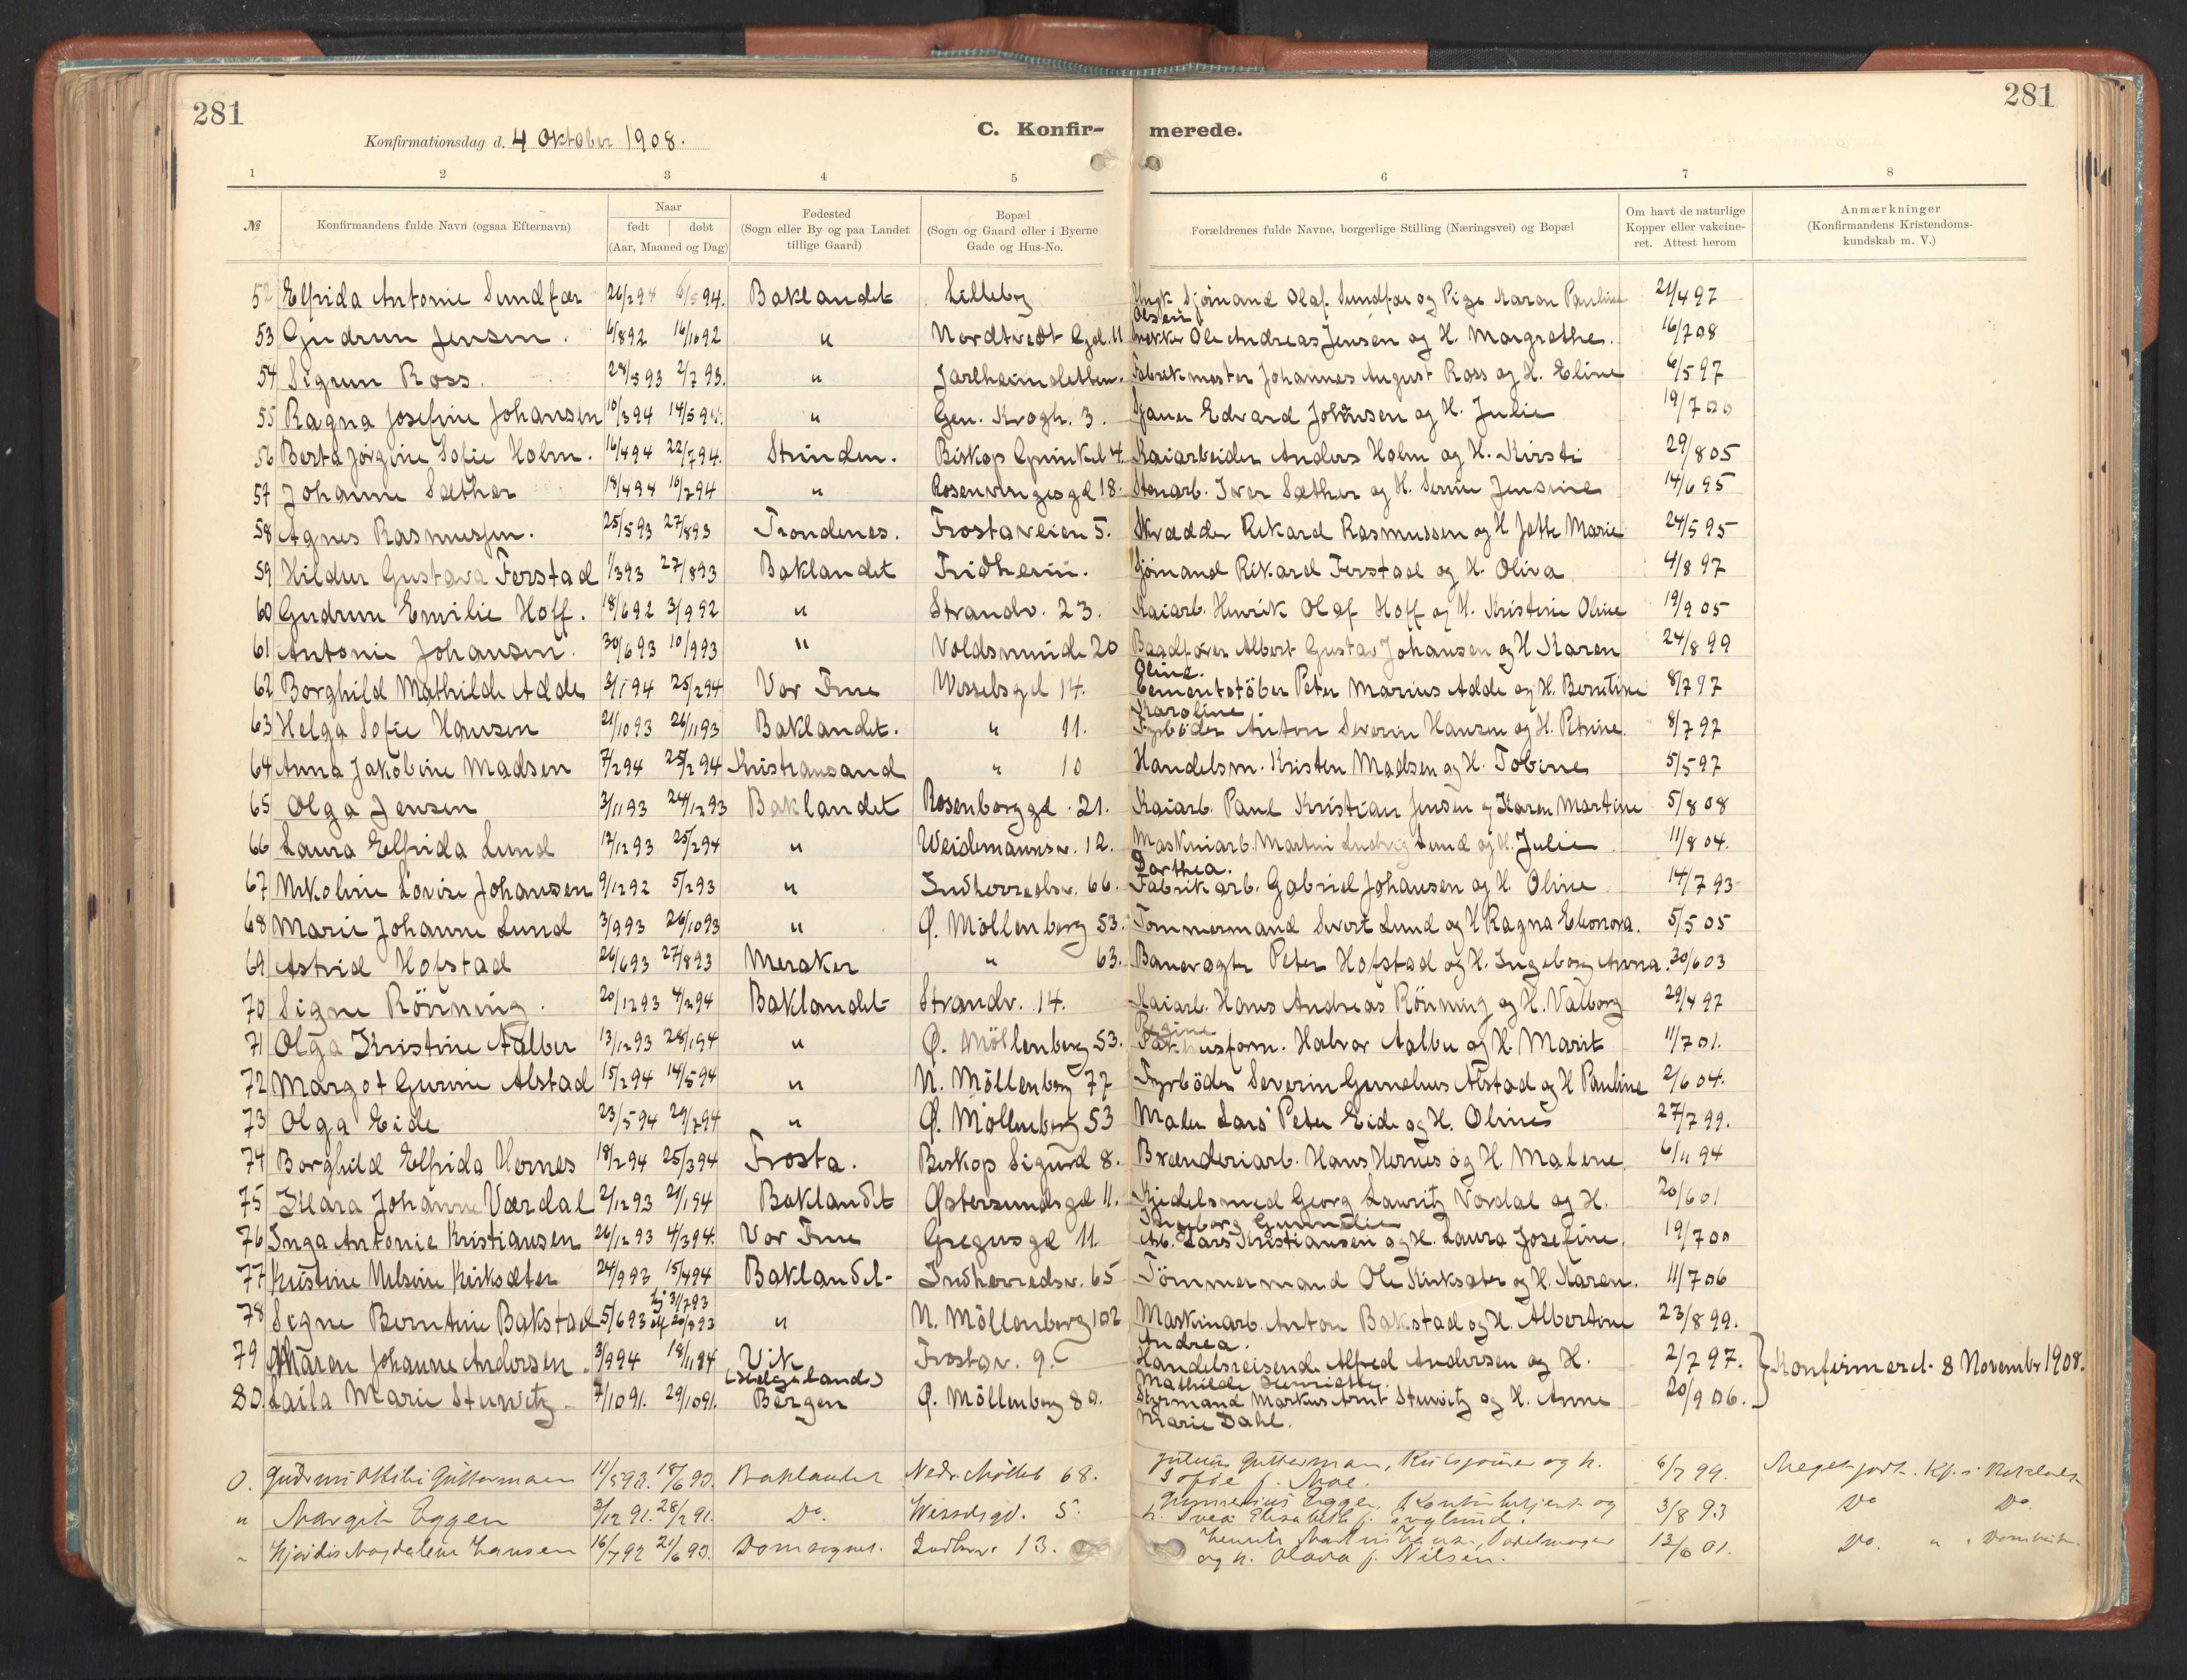 SAT, Ministerialprotokoller, klokkerbøker og fødselsregistre - Sør-Trøndelag, 605/L0243: Ministerialbok nr. 605A05, 1908-1923, s. 281